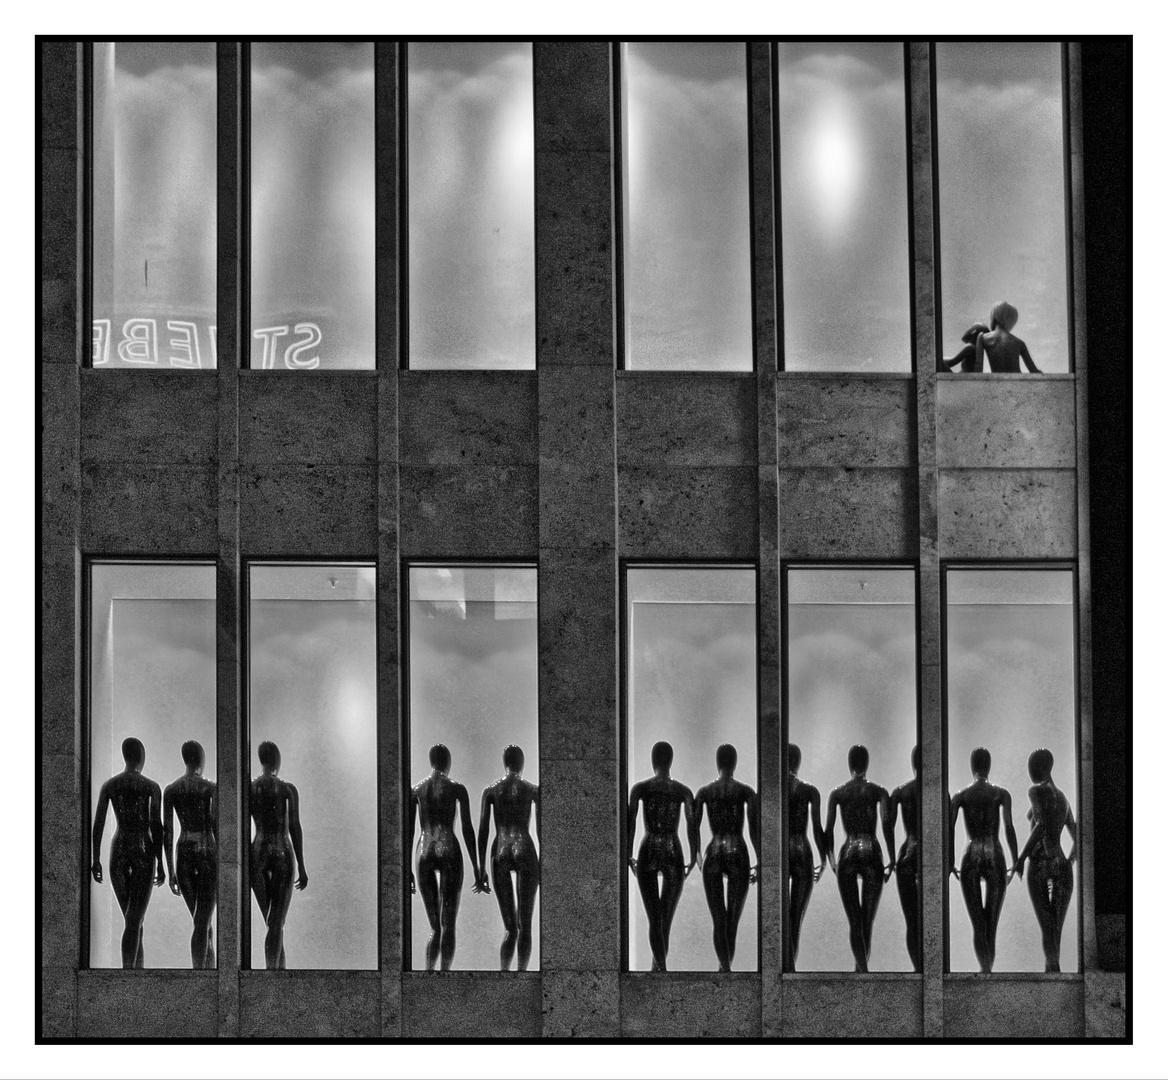 Puppen im Fenster